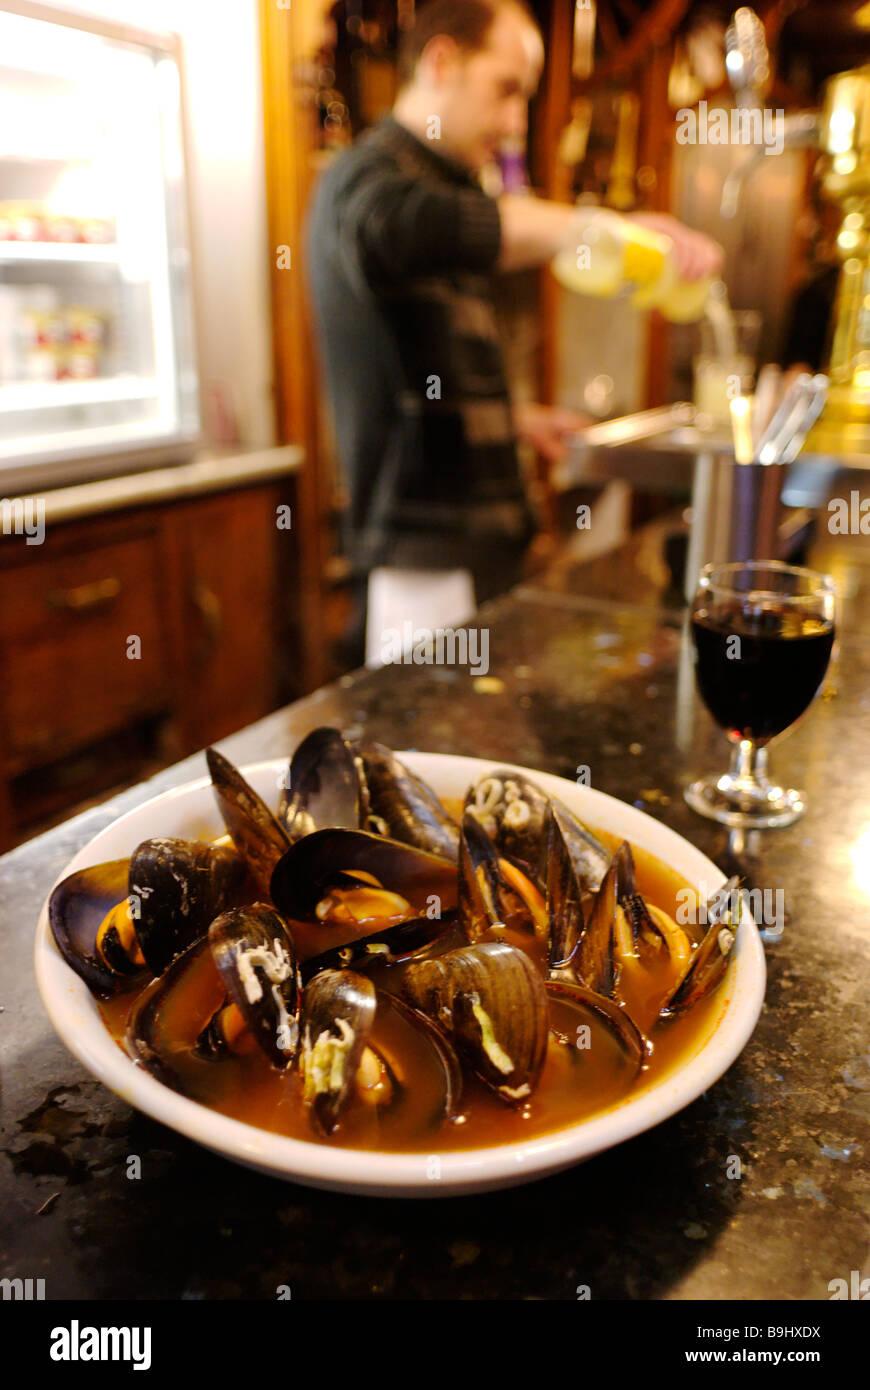 Tazón de mejillones picantes reddy brown sopa aguada que es una especialidad del Bar de tapas PIlar en El Carmen Imagen De Stock